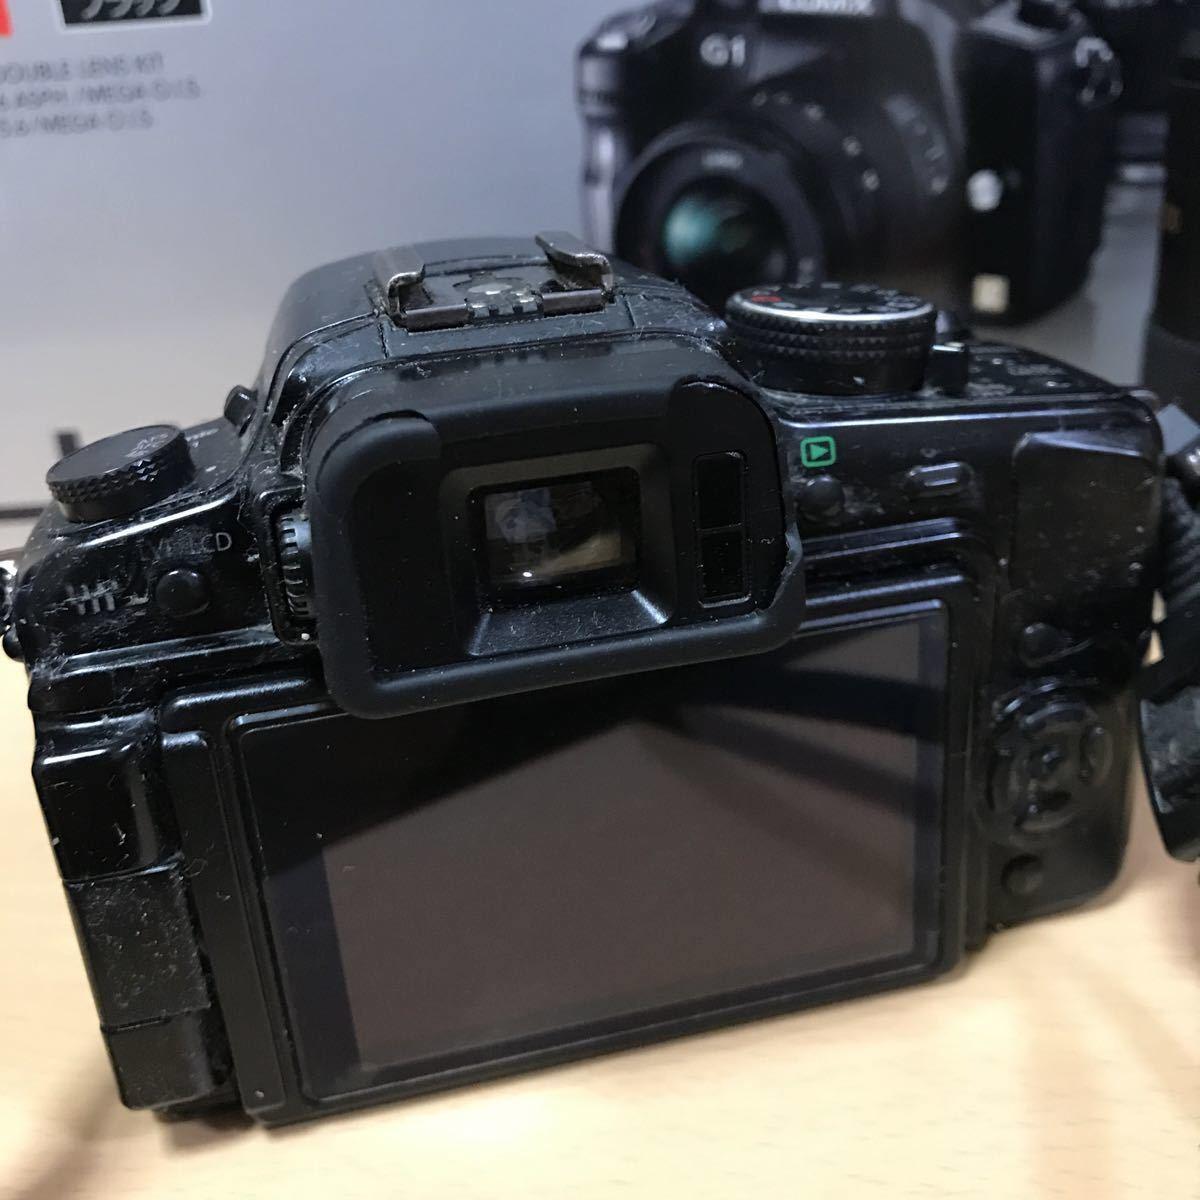 訳あり Panasonic パナソニック LUMIX G1 ダブルズームレンズキット DMC-G1W-K カメラ ミラーレス一眼 コンフォートブラック K3707718_画像2